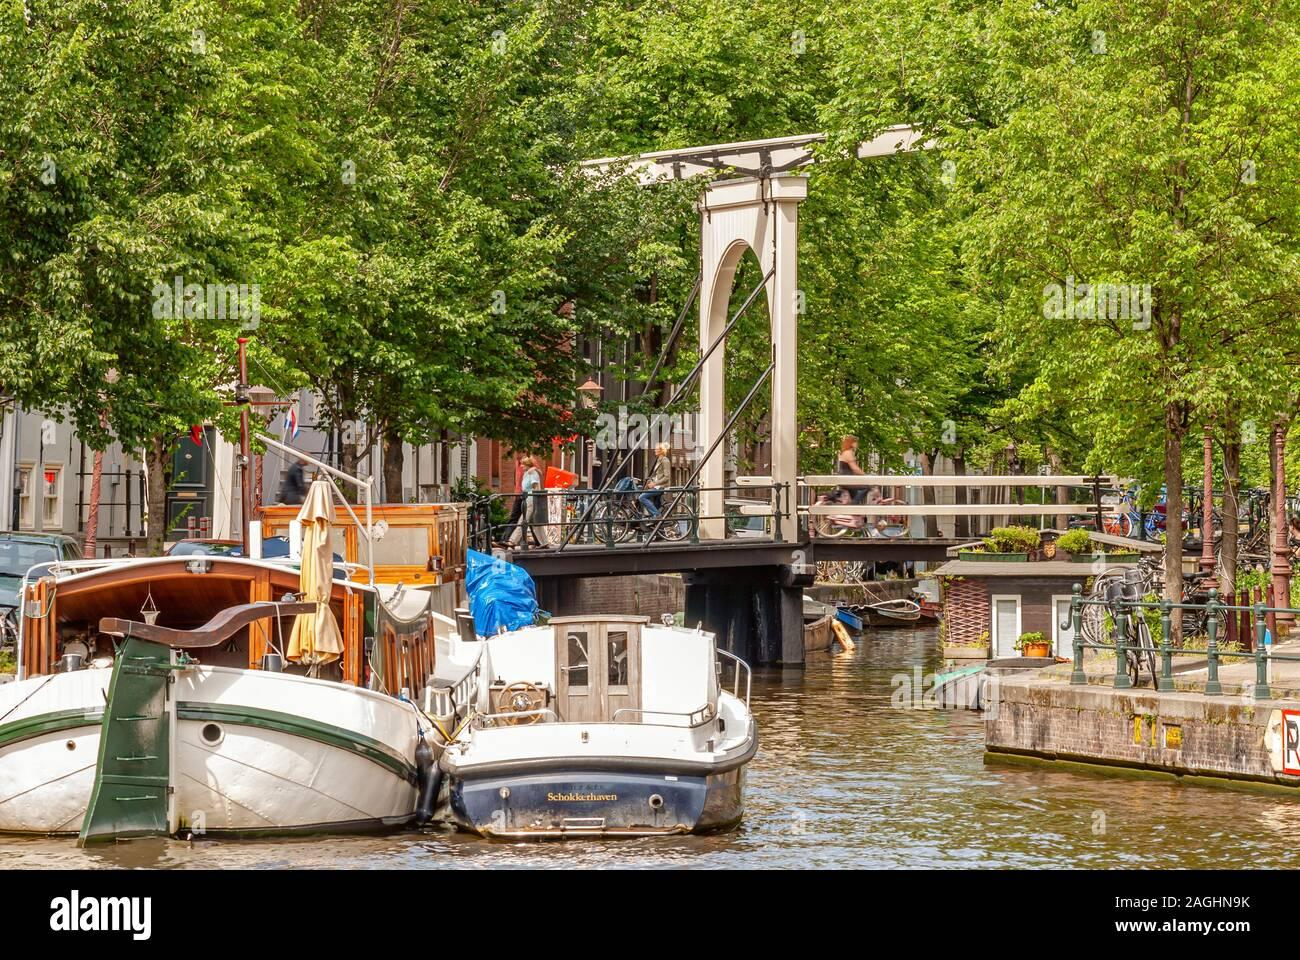 Haus Boote im Wasser Kanal im Zentrum von Amsterdam, Netherlande Stockfoto